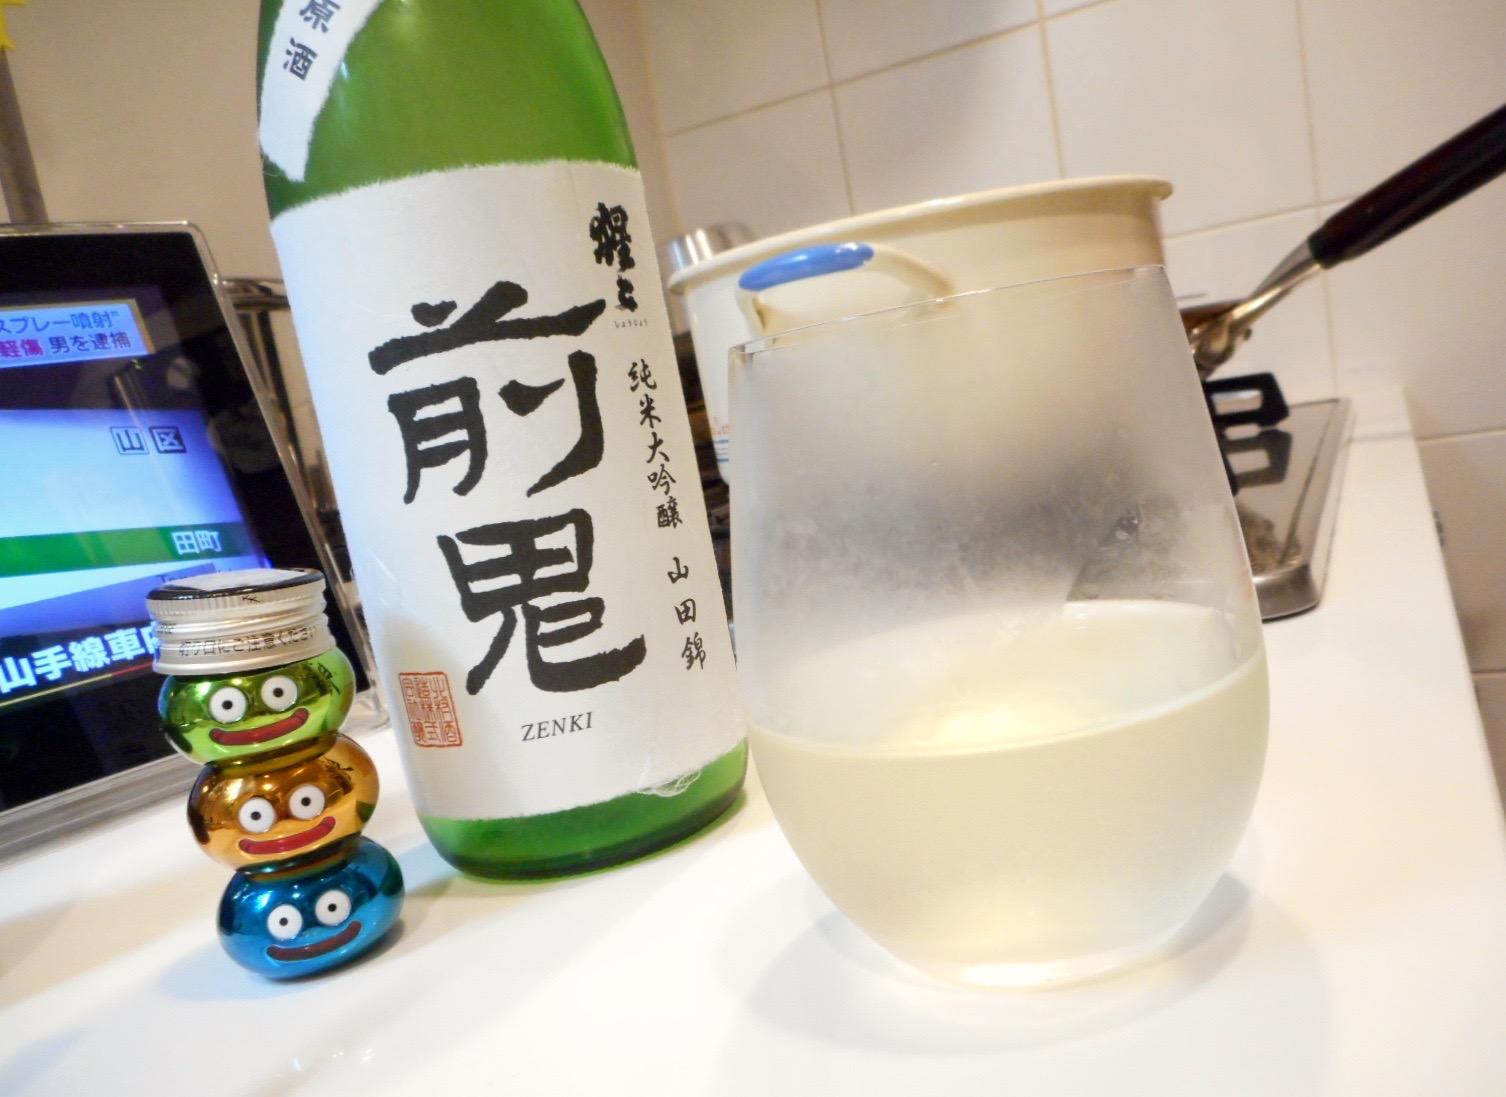 syoujou_zenki27by5.jpg